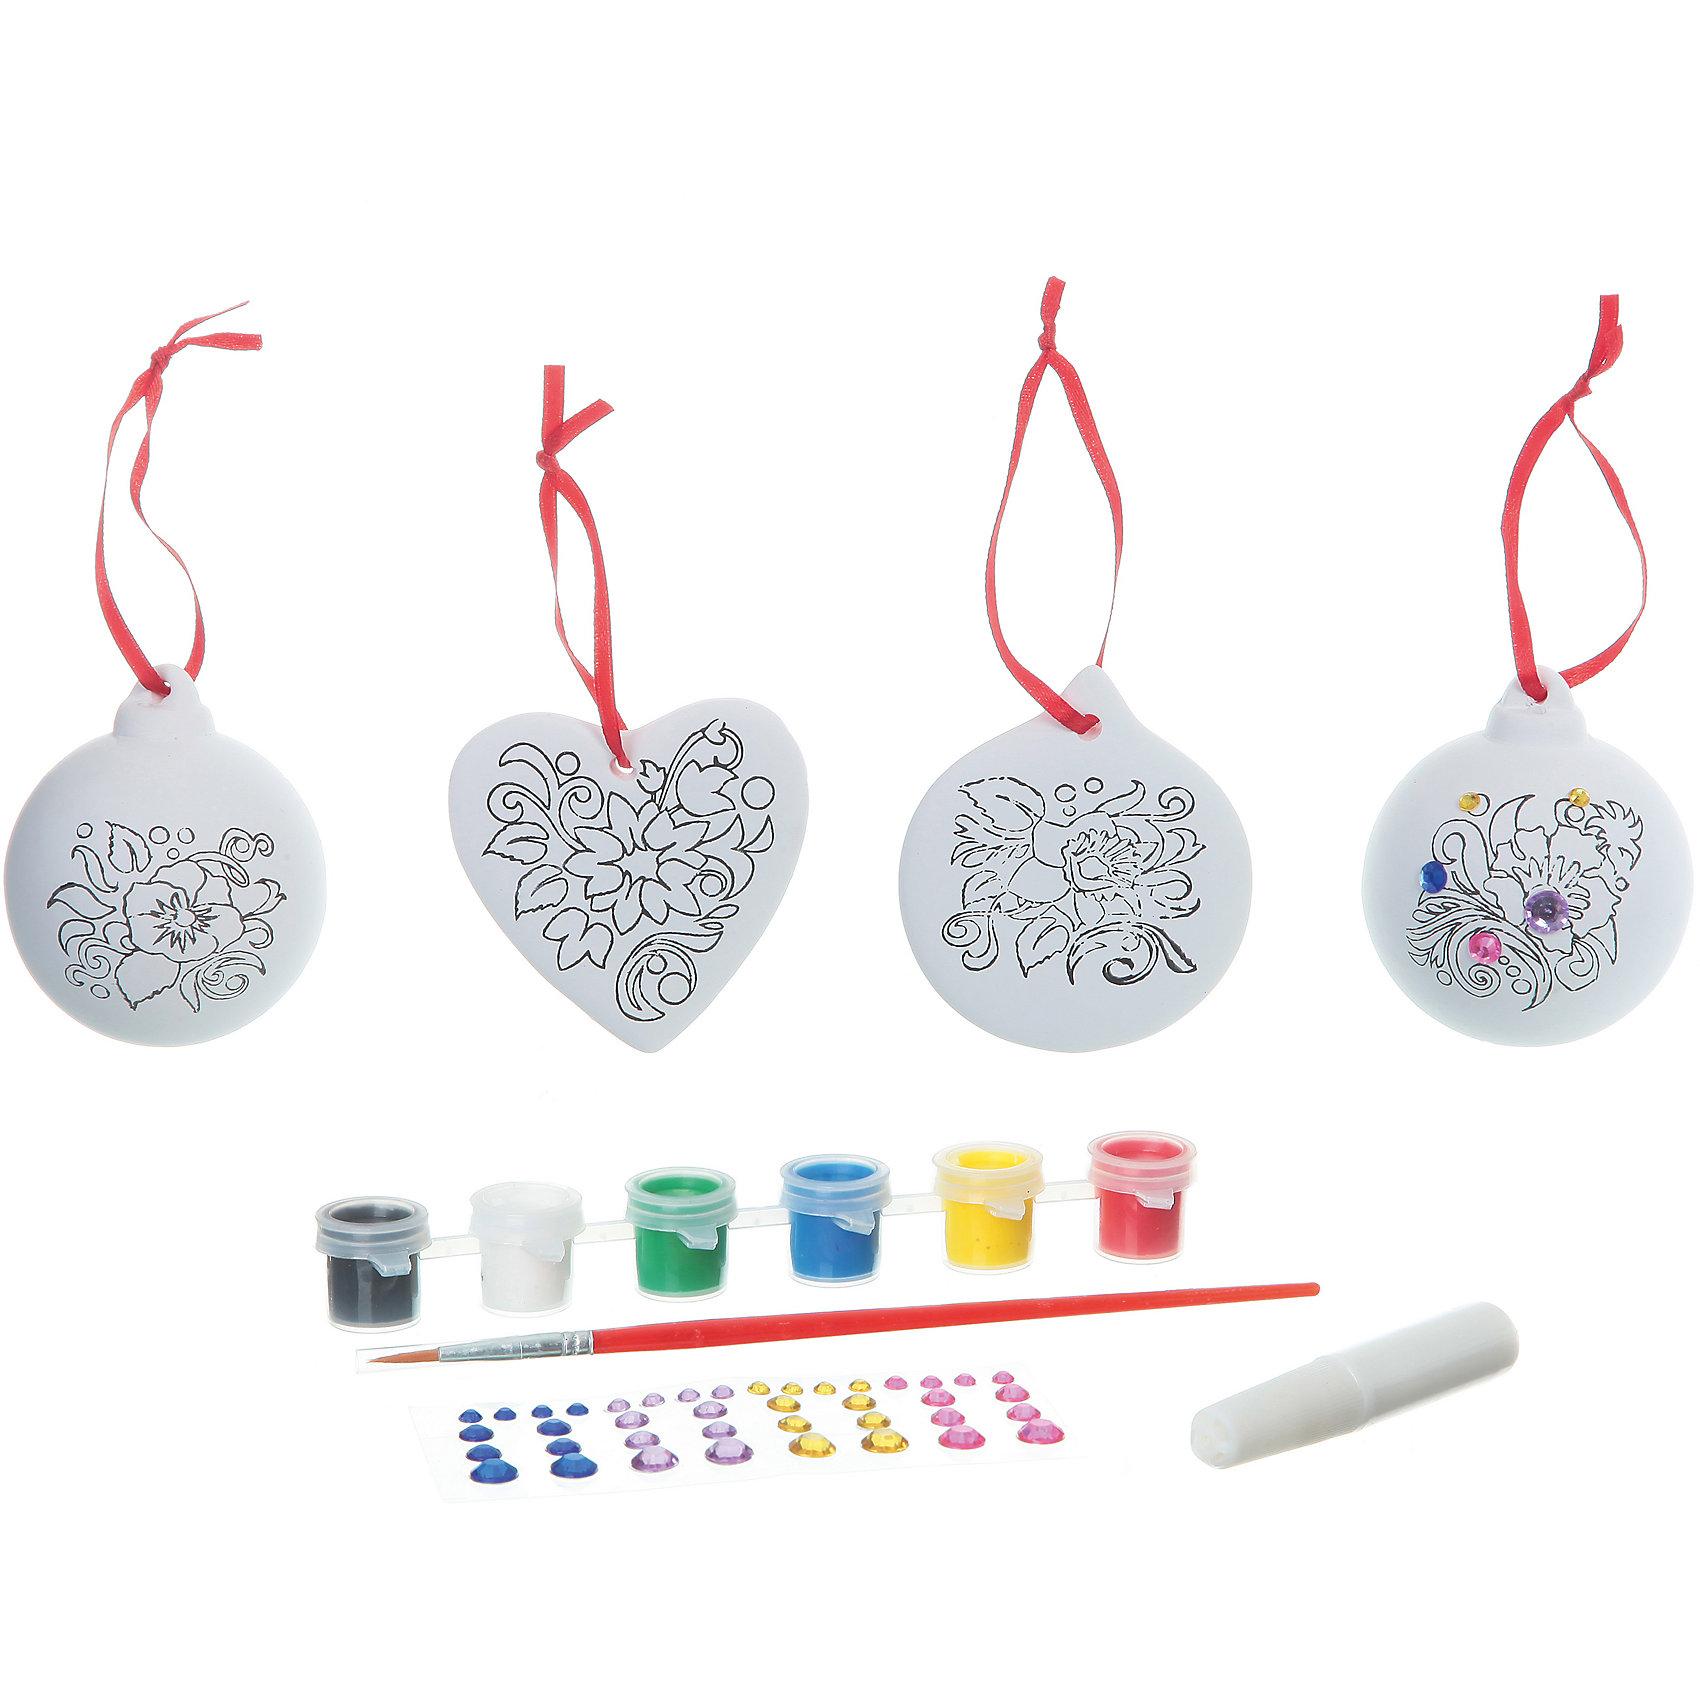 Набор для творчества со стразами (2 шарика, сердце, круг), BondibonНовогоднее творчество<br>Набор для творчества со стразами (2 шарика, сердце, круг) Bondibon (Бондибон).<br><br>Характеристики:<br><br>• Материал: керамика, краски, текстиль.<br>• В набор входит: <br>- 4 керамических фигурок для раскрашивания, <br>- краски 6 цветов,<br>- кисточка, <br>- разноцветные стразы,<br>- инструкция.<br><br>Создайте новогоднее настроение вместе со своими детьми! Набор для творчества с Машей поможет вам провести творчески досуг и создаст праздничное настроение. В наборе 5 керамические фигуки для раскрашивания: 2 шарика, круг, сердце, которые нужно раскрасить так, как вам подскажет фантазия. Разноцветные мерцающие стразы сделают игрушки по- настоящему волшебными и новогодними. Раскрашивать изделия из керамики - очень интересно и увлекательно. Такие фигурки, раскрашенные вручную, станут отличным подарком! Работа с таким набором помогает развить творческие способности, усидчивость, внимательность, самостоятельность, координацию движений.<br><br>Набор для творчества со стразами (2 шарика, сердце, круг) Bondibon (Бондибон), можно купить в нашем интернет – магазине.<br><br>Ширина мм: 262<br>Глубина мм: 60<br>Высота мм: 222<br>Вес г: 500<br>Возраст от месяцев: 60<br>Возраст до месяцев: 1188<br>Пол: Унисекс<br>Возраст: Детский<br>SKU: 5124540